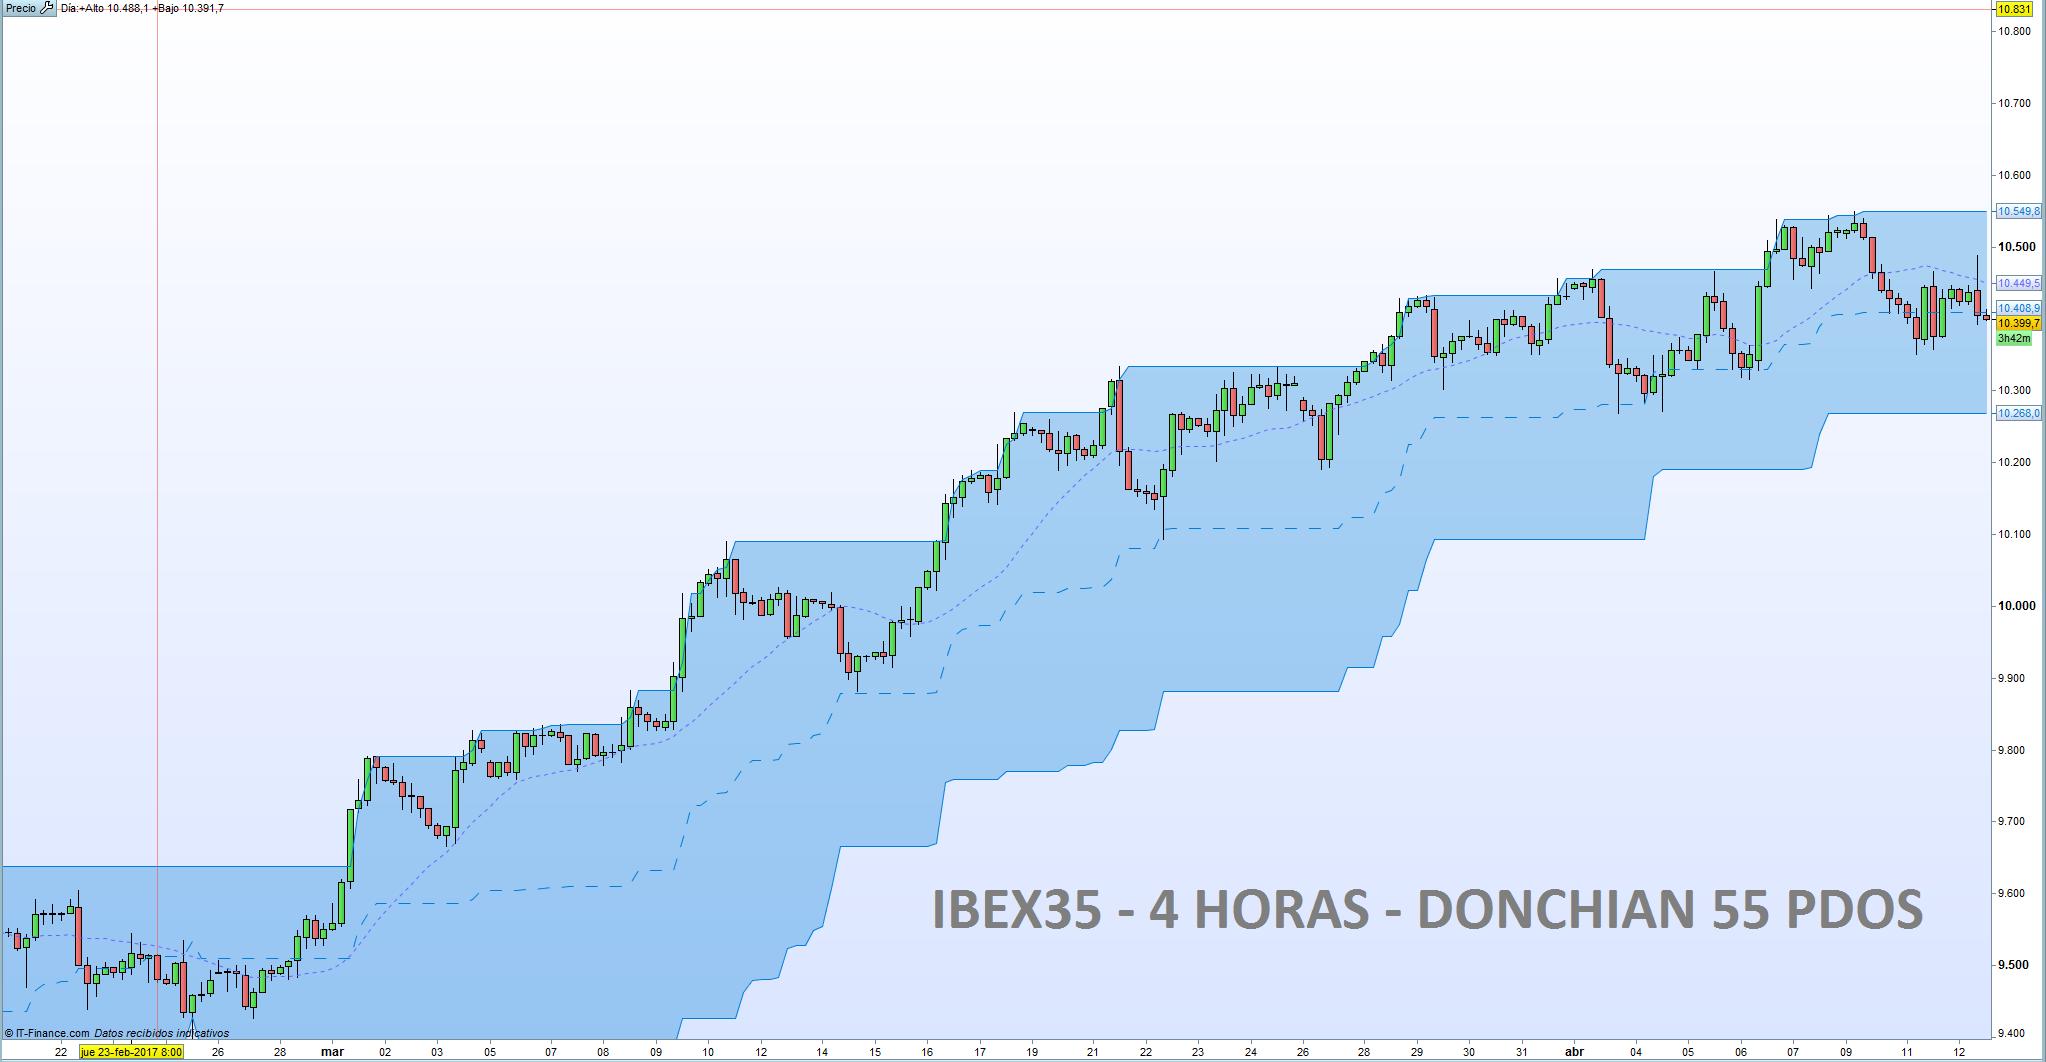 Análisis de tendencia para el IBEX35